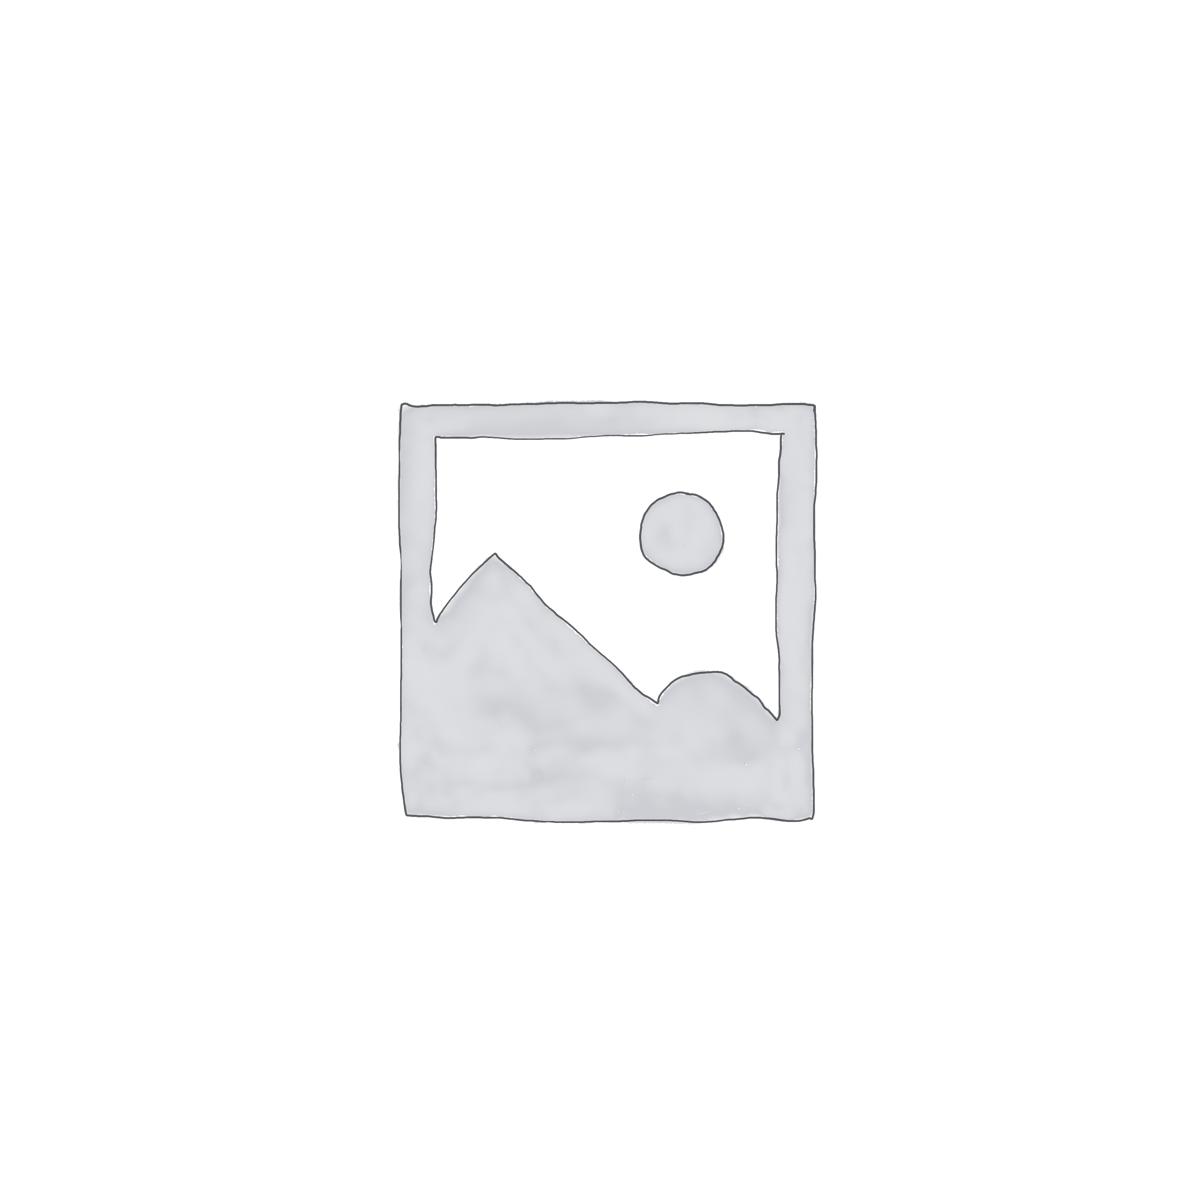 Colorful Street Graffiti Wallpaper Mural